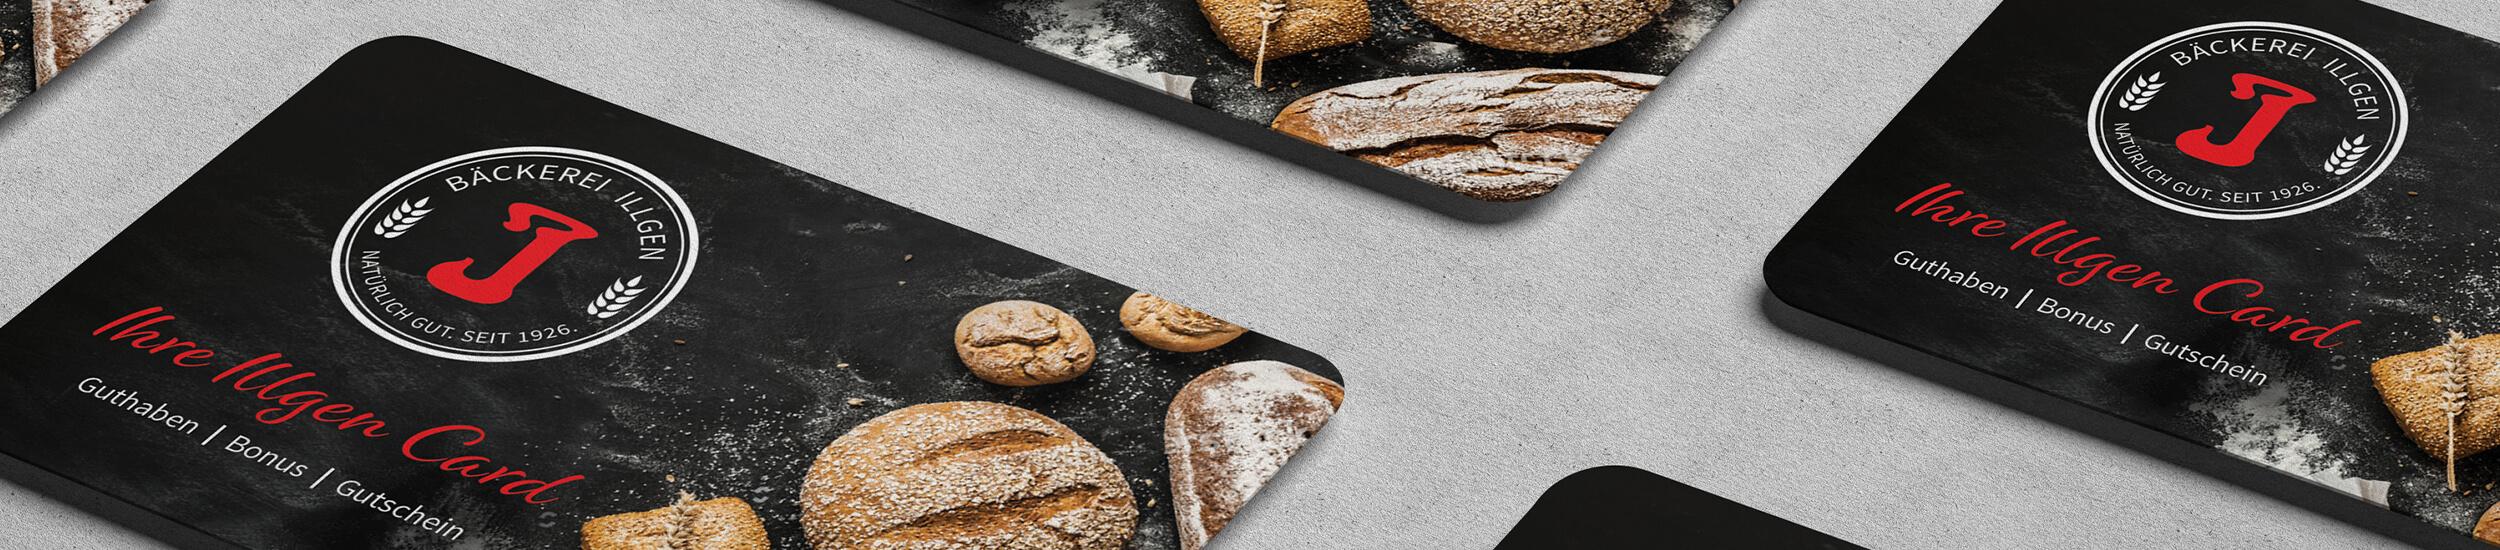 Bäckerei Illgen - Illgen-Card